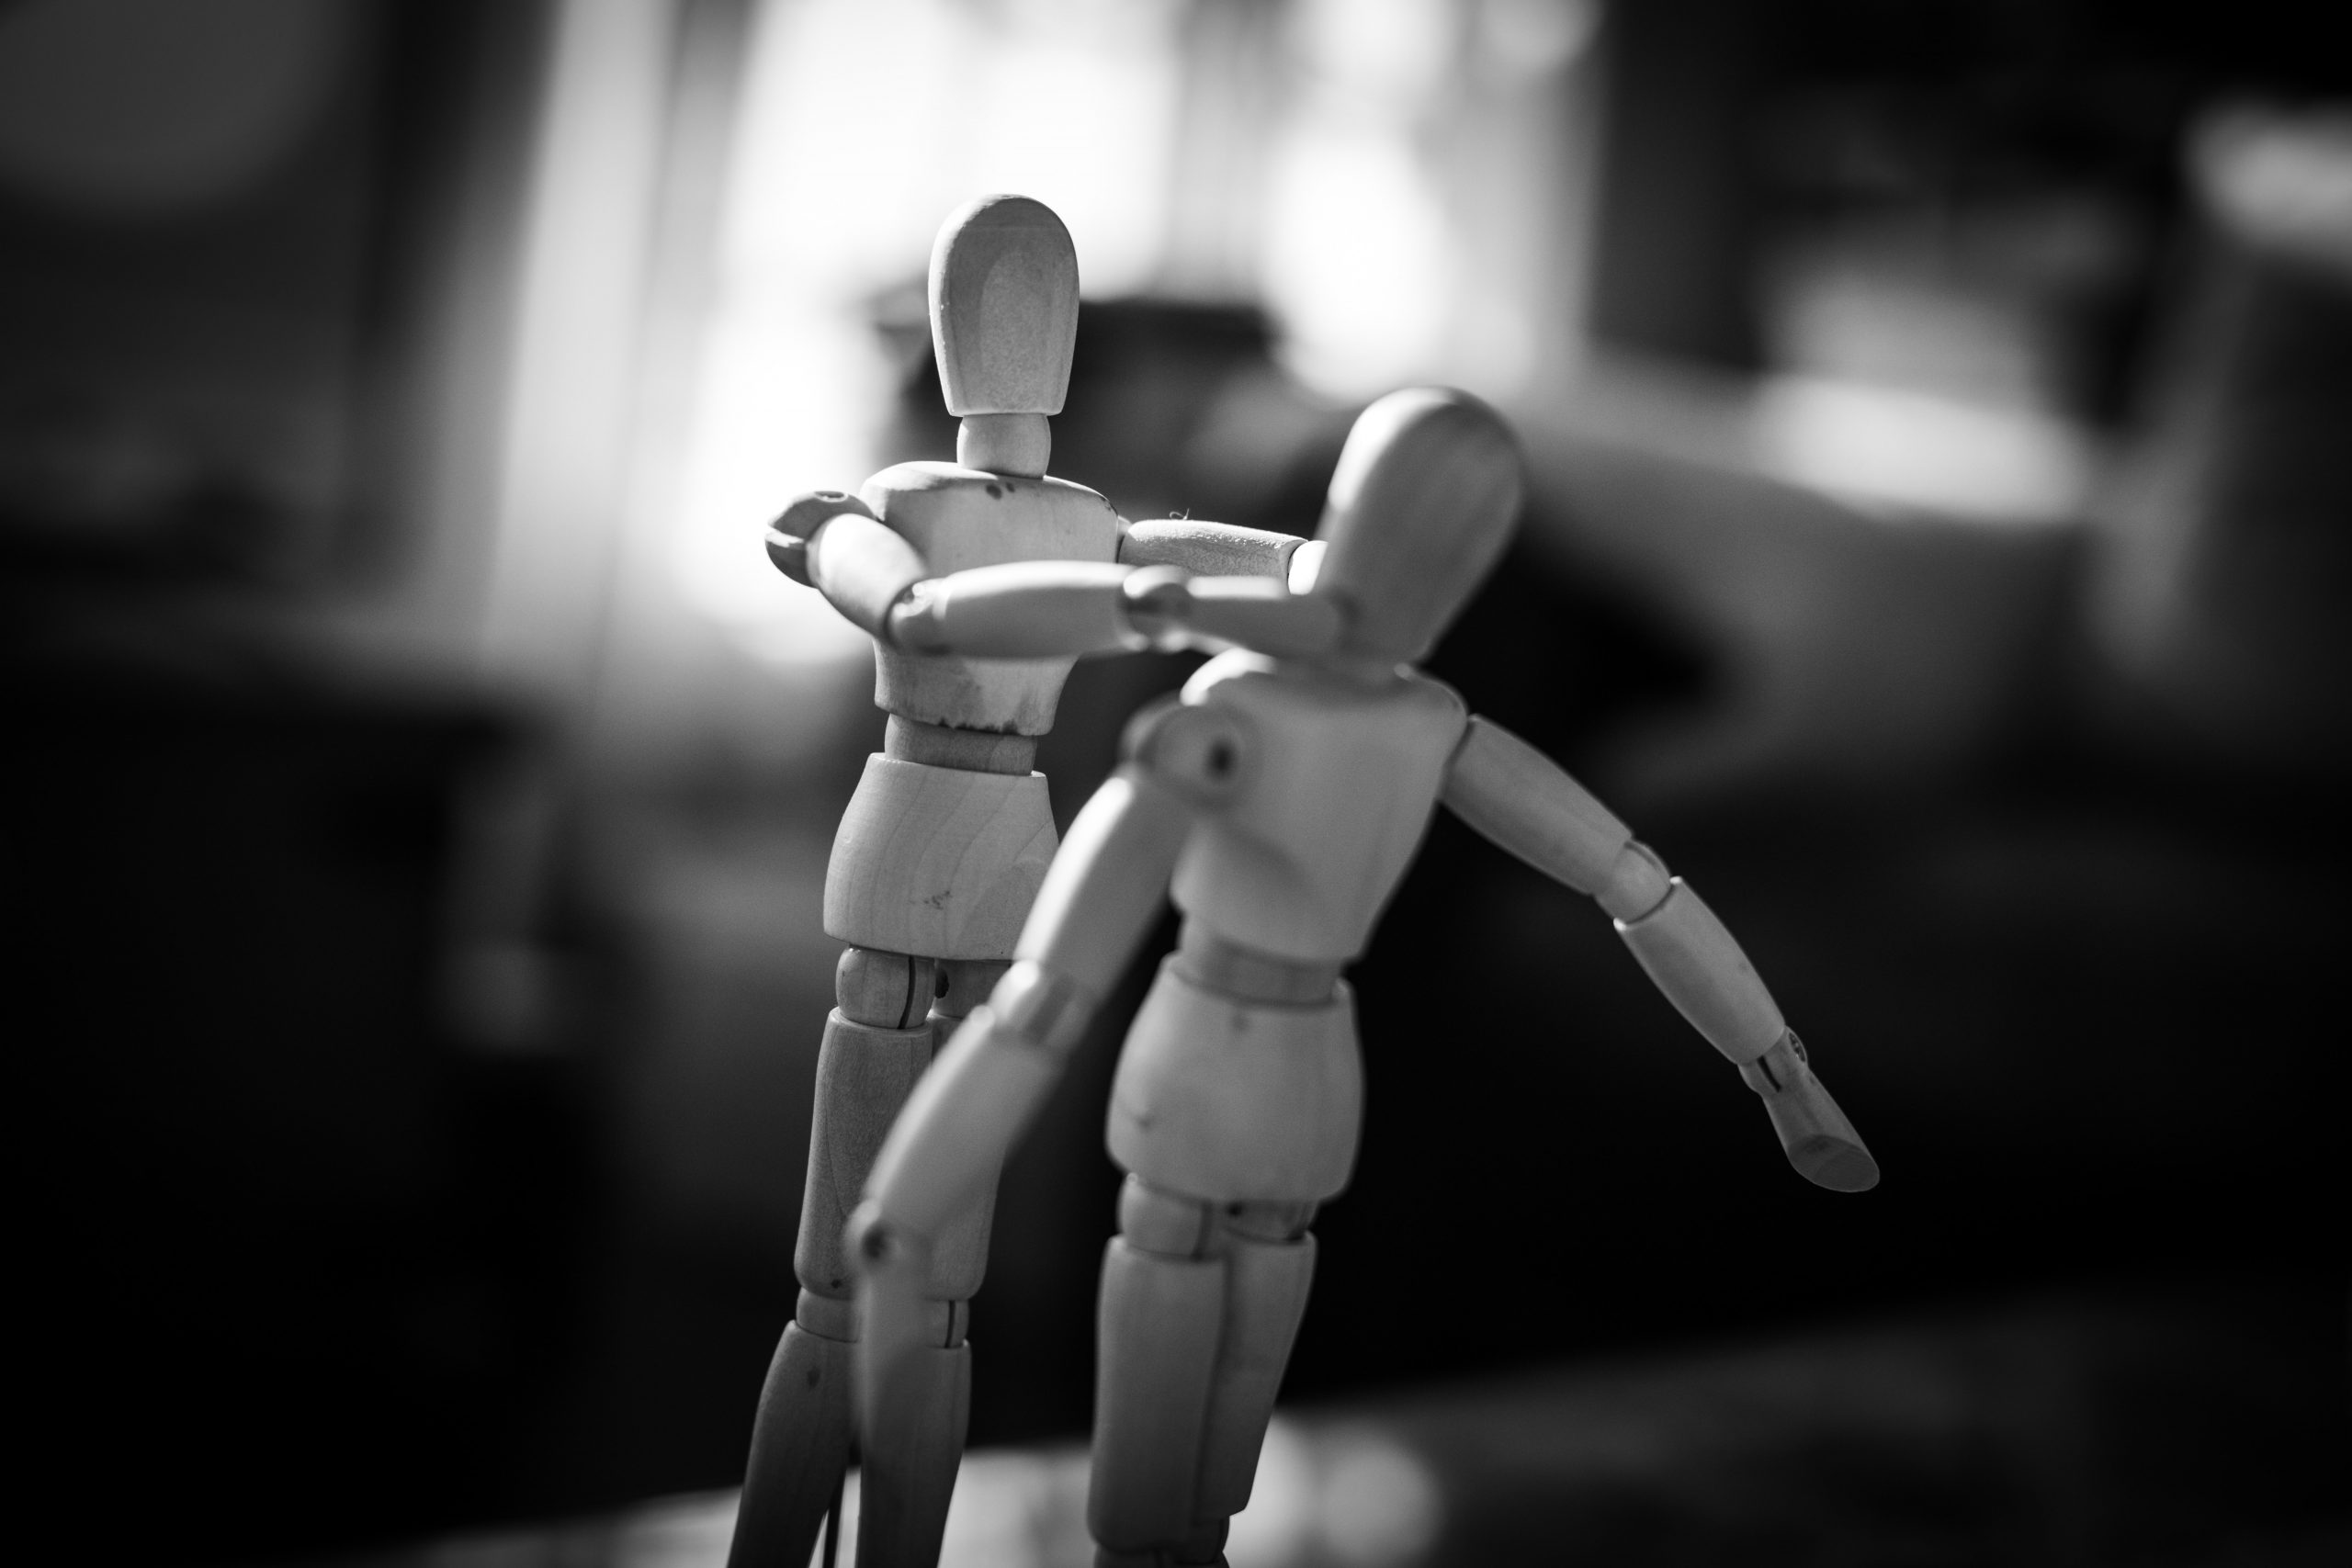 Violence conjugale, image noir & blanc de poupées qui se battent, Code Trauma